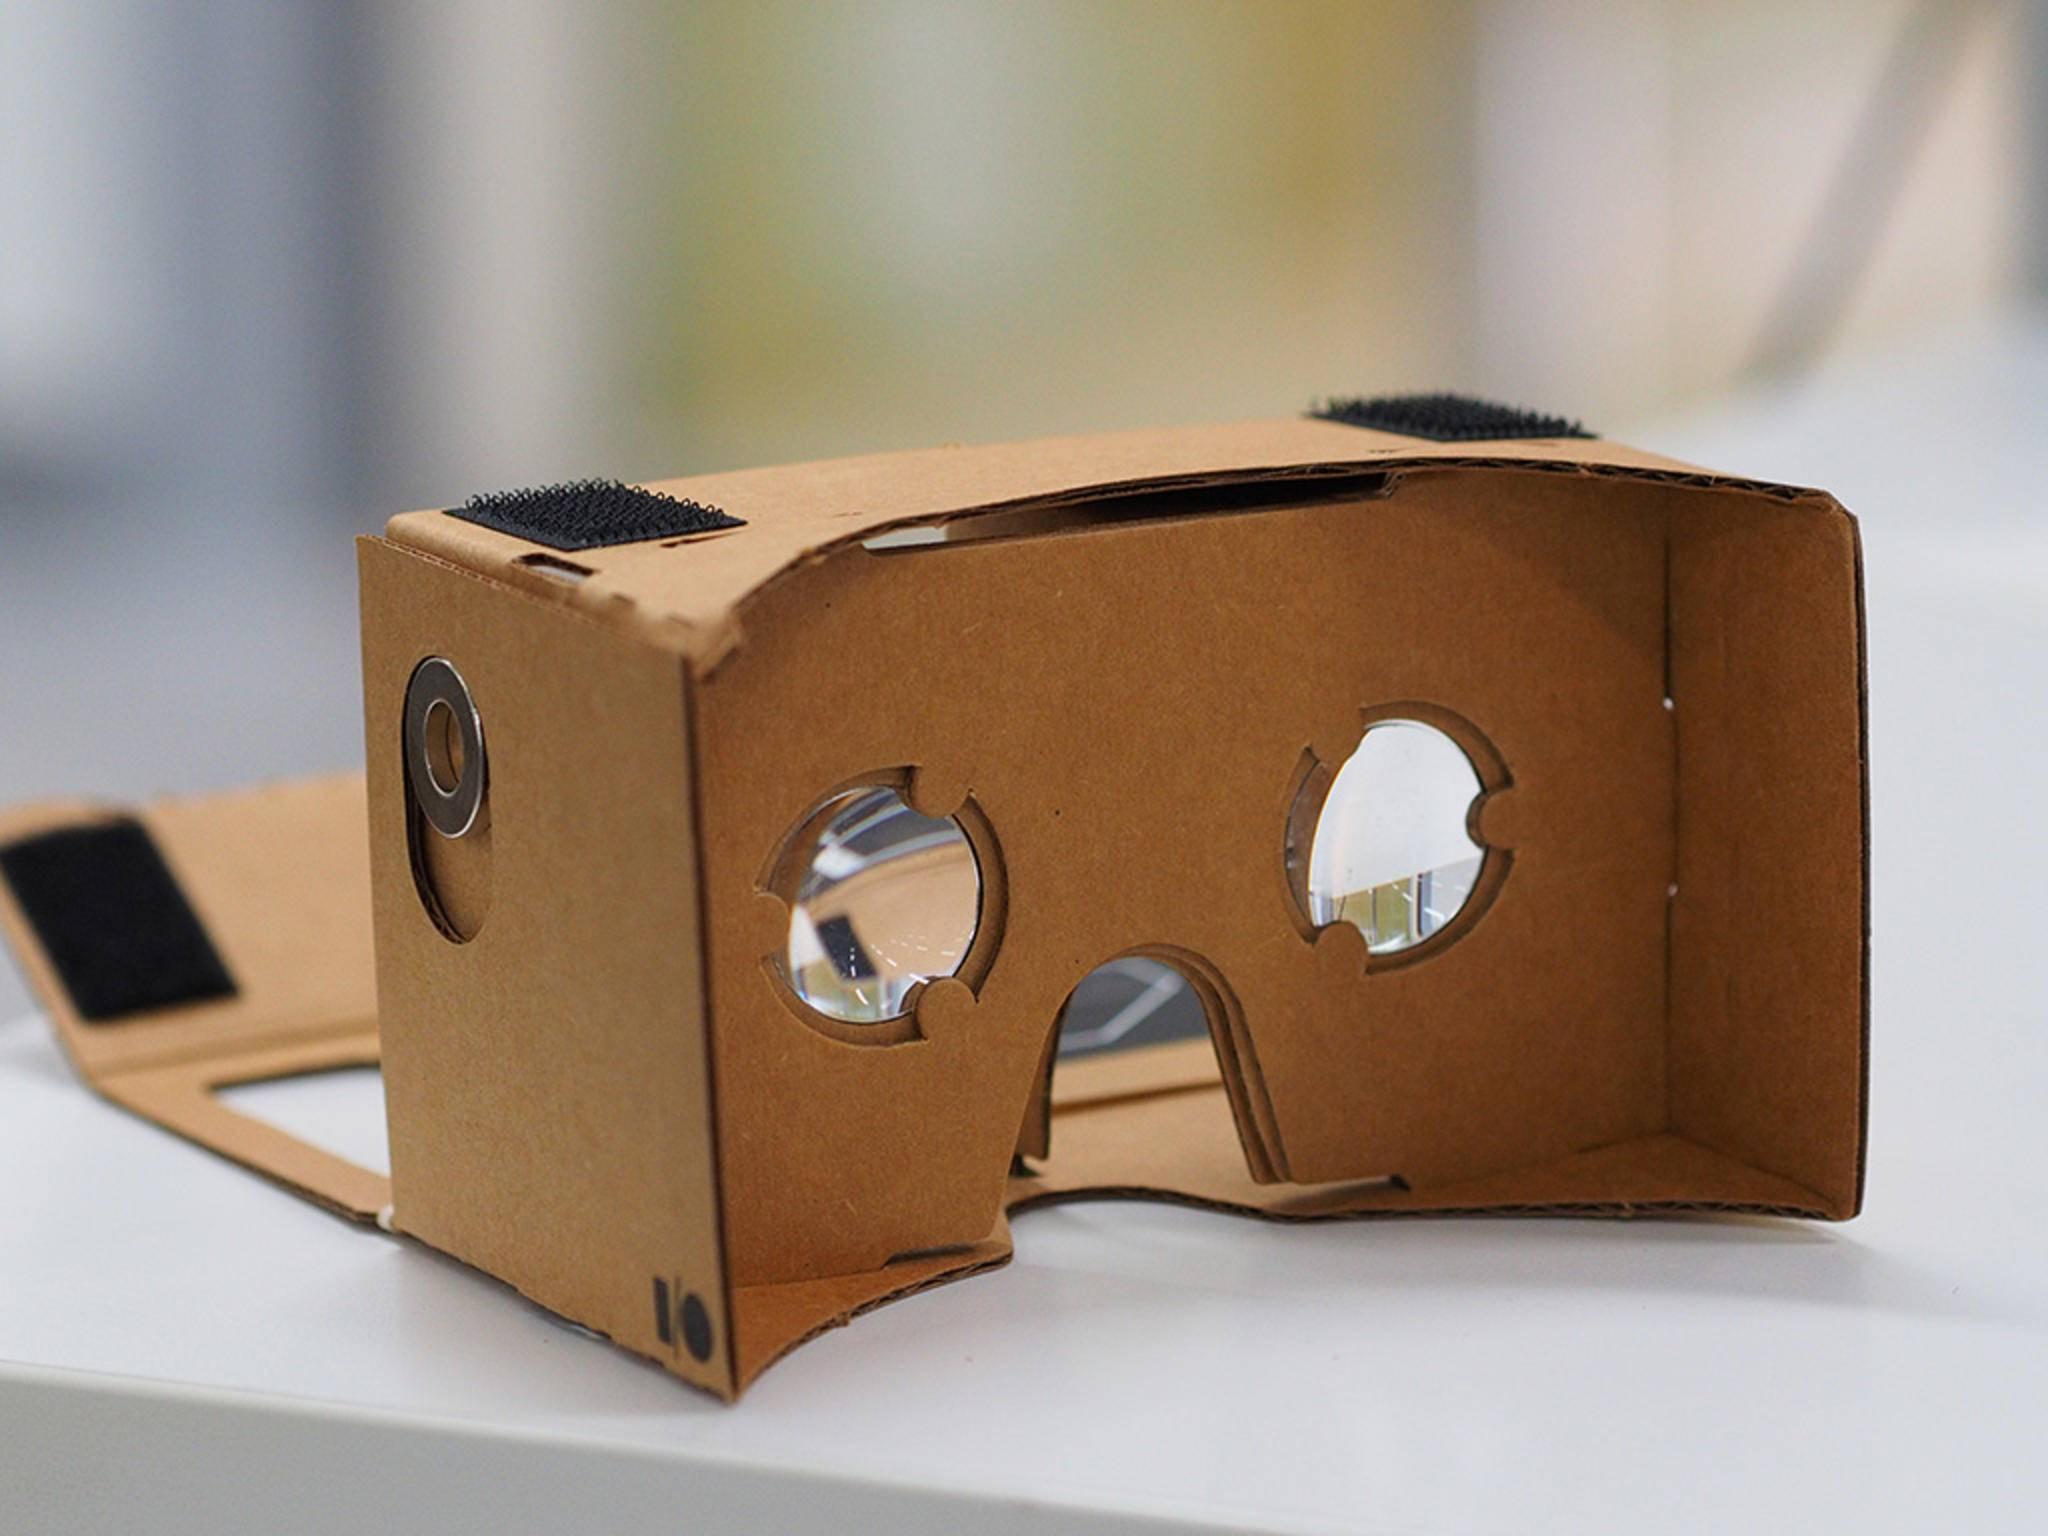 virtual reality konkurrenzkampf google plant echte vr brille. Black Bedroom Furniture Sets. Home Design Ideas